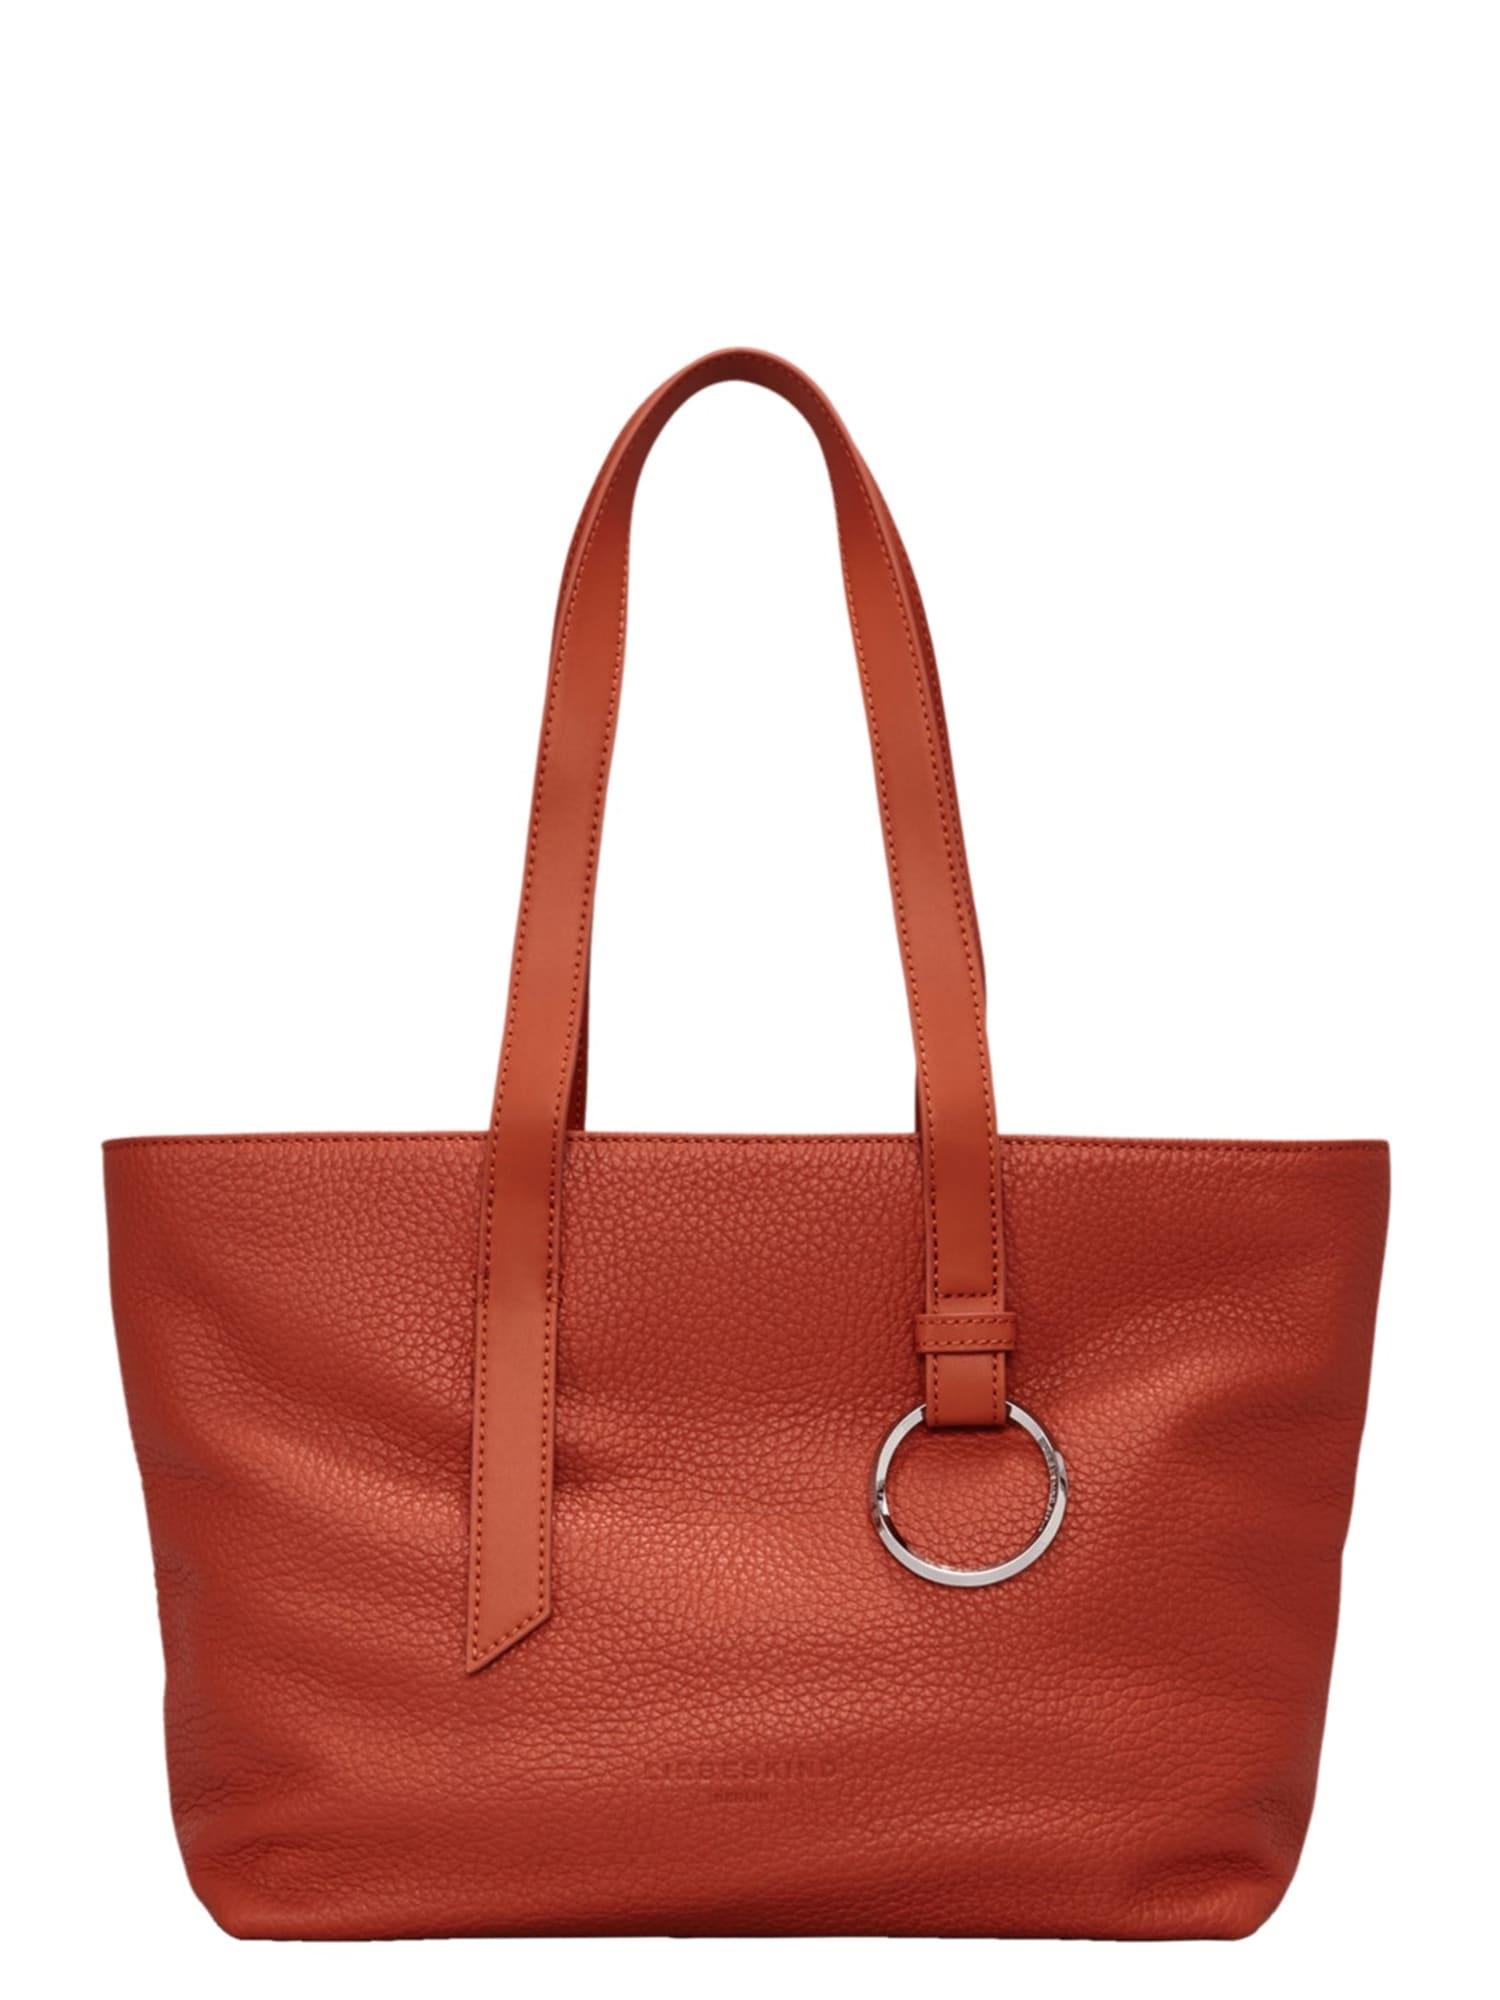 Nákupní taška Millennium oranžově červená Liebeskind Berlin